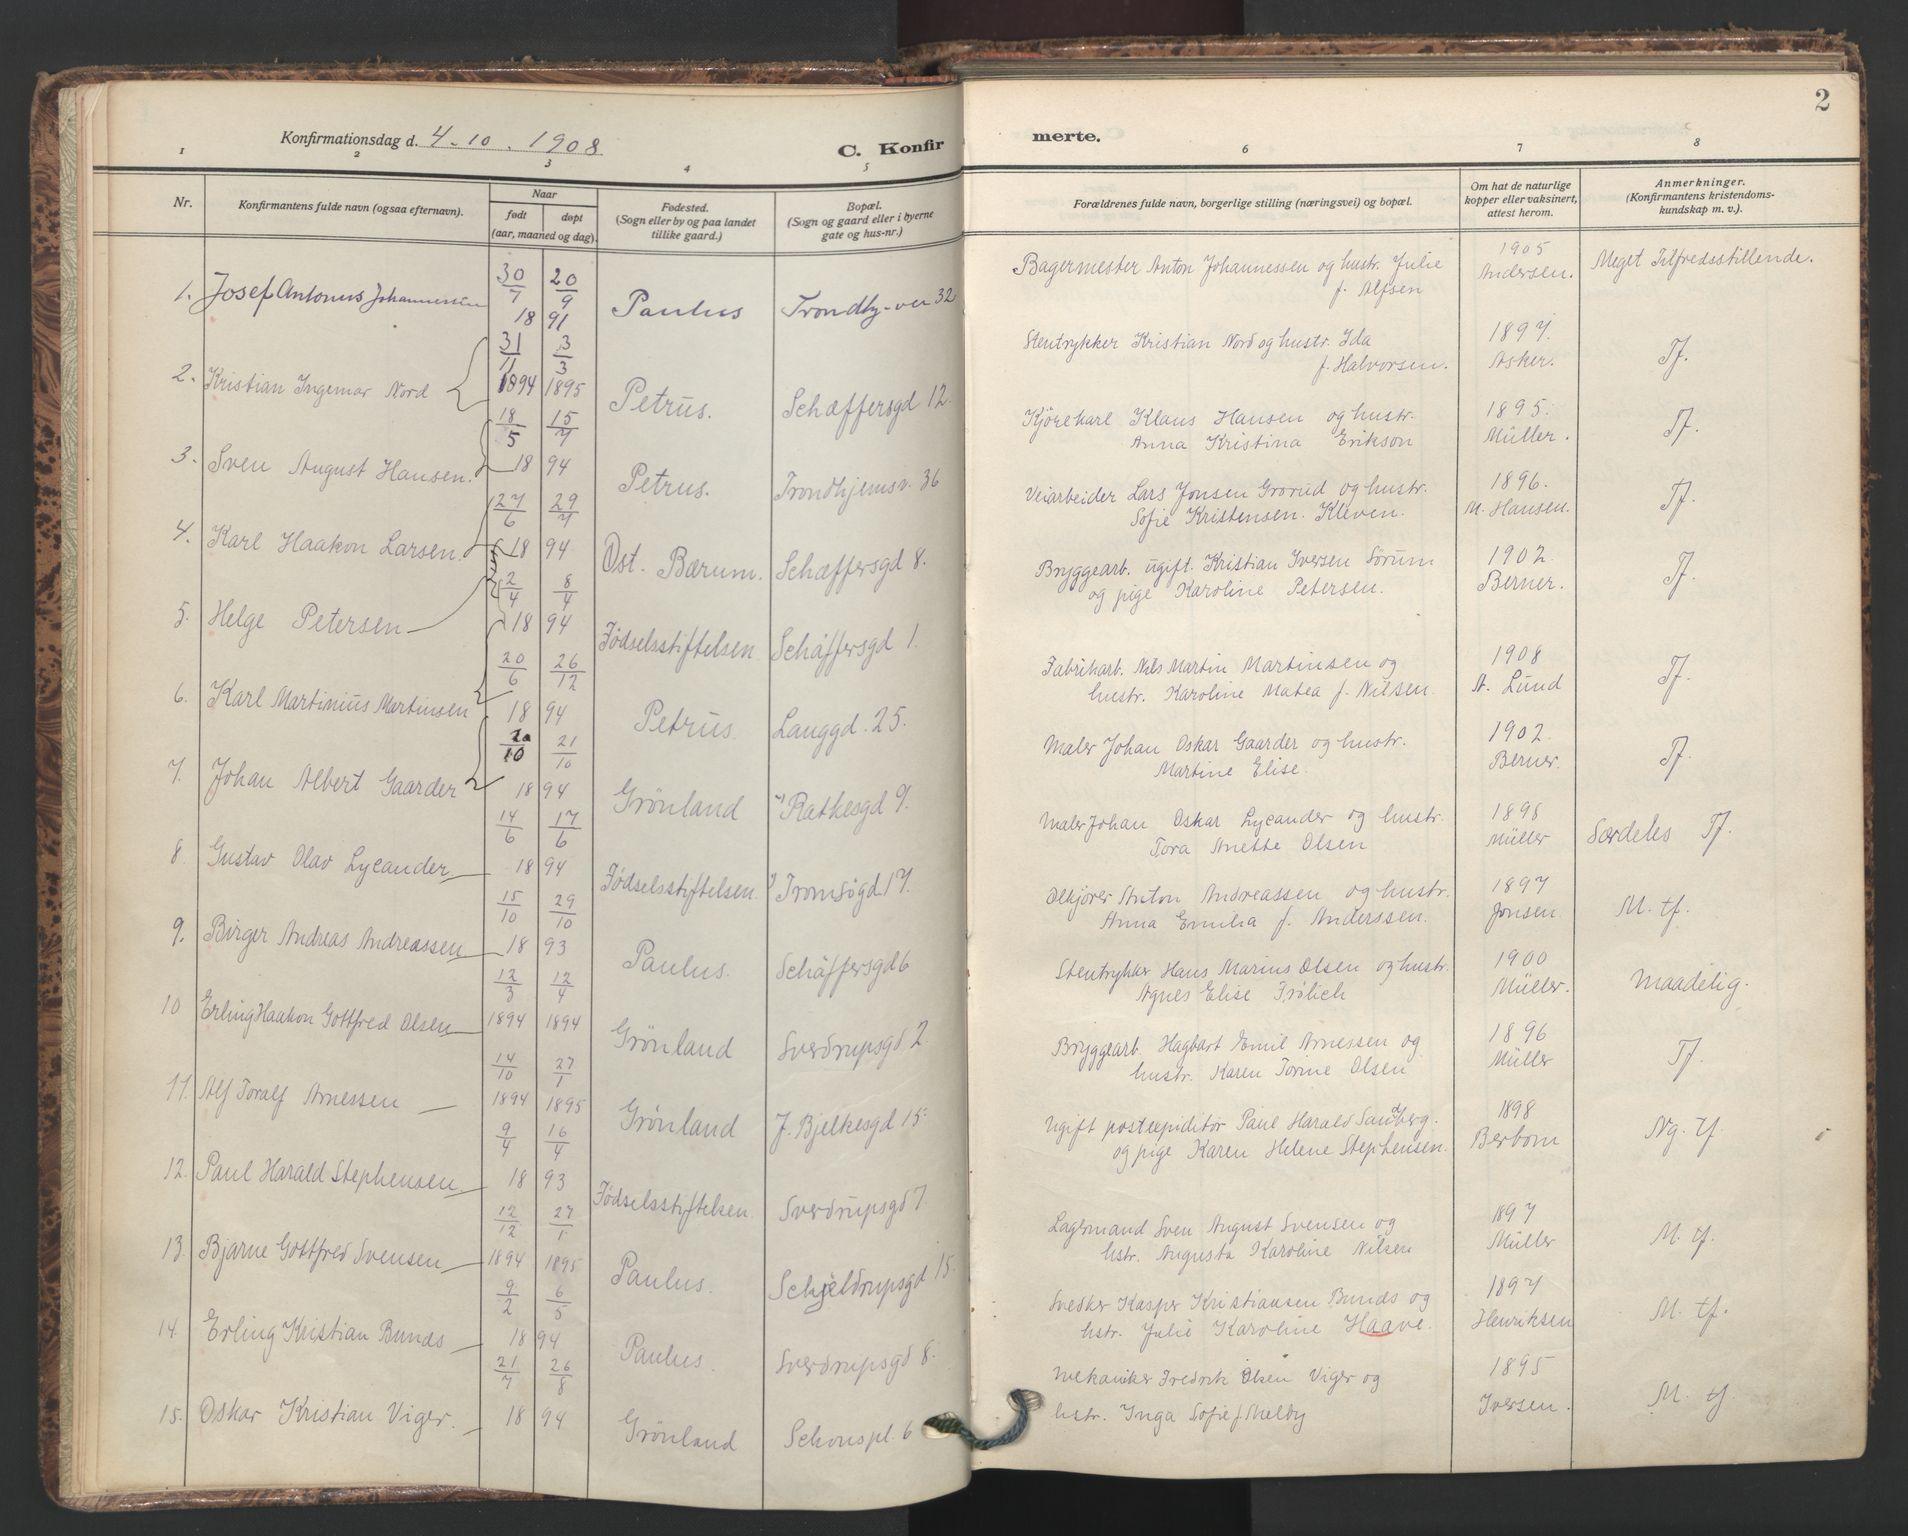 SAO, Petrus prestekontor Kirkebøker, F/Fa/L0011: Ministerialbok nr. 11, 1908-1922, s. 2